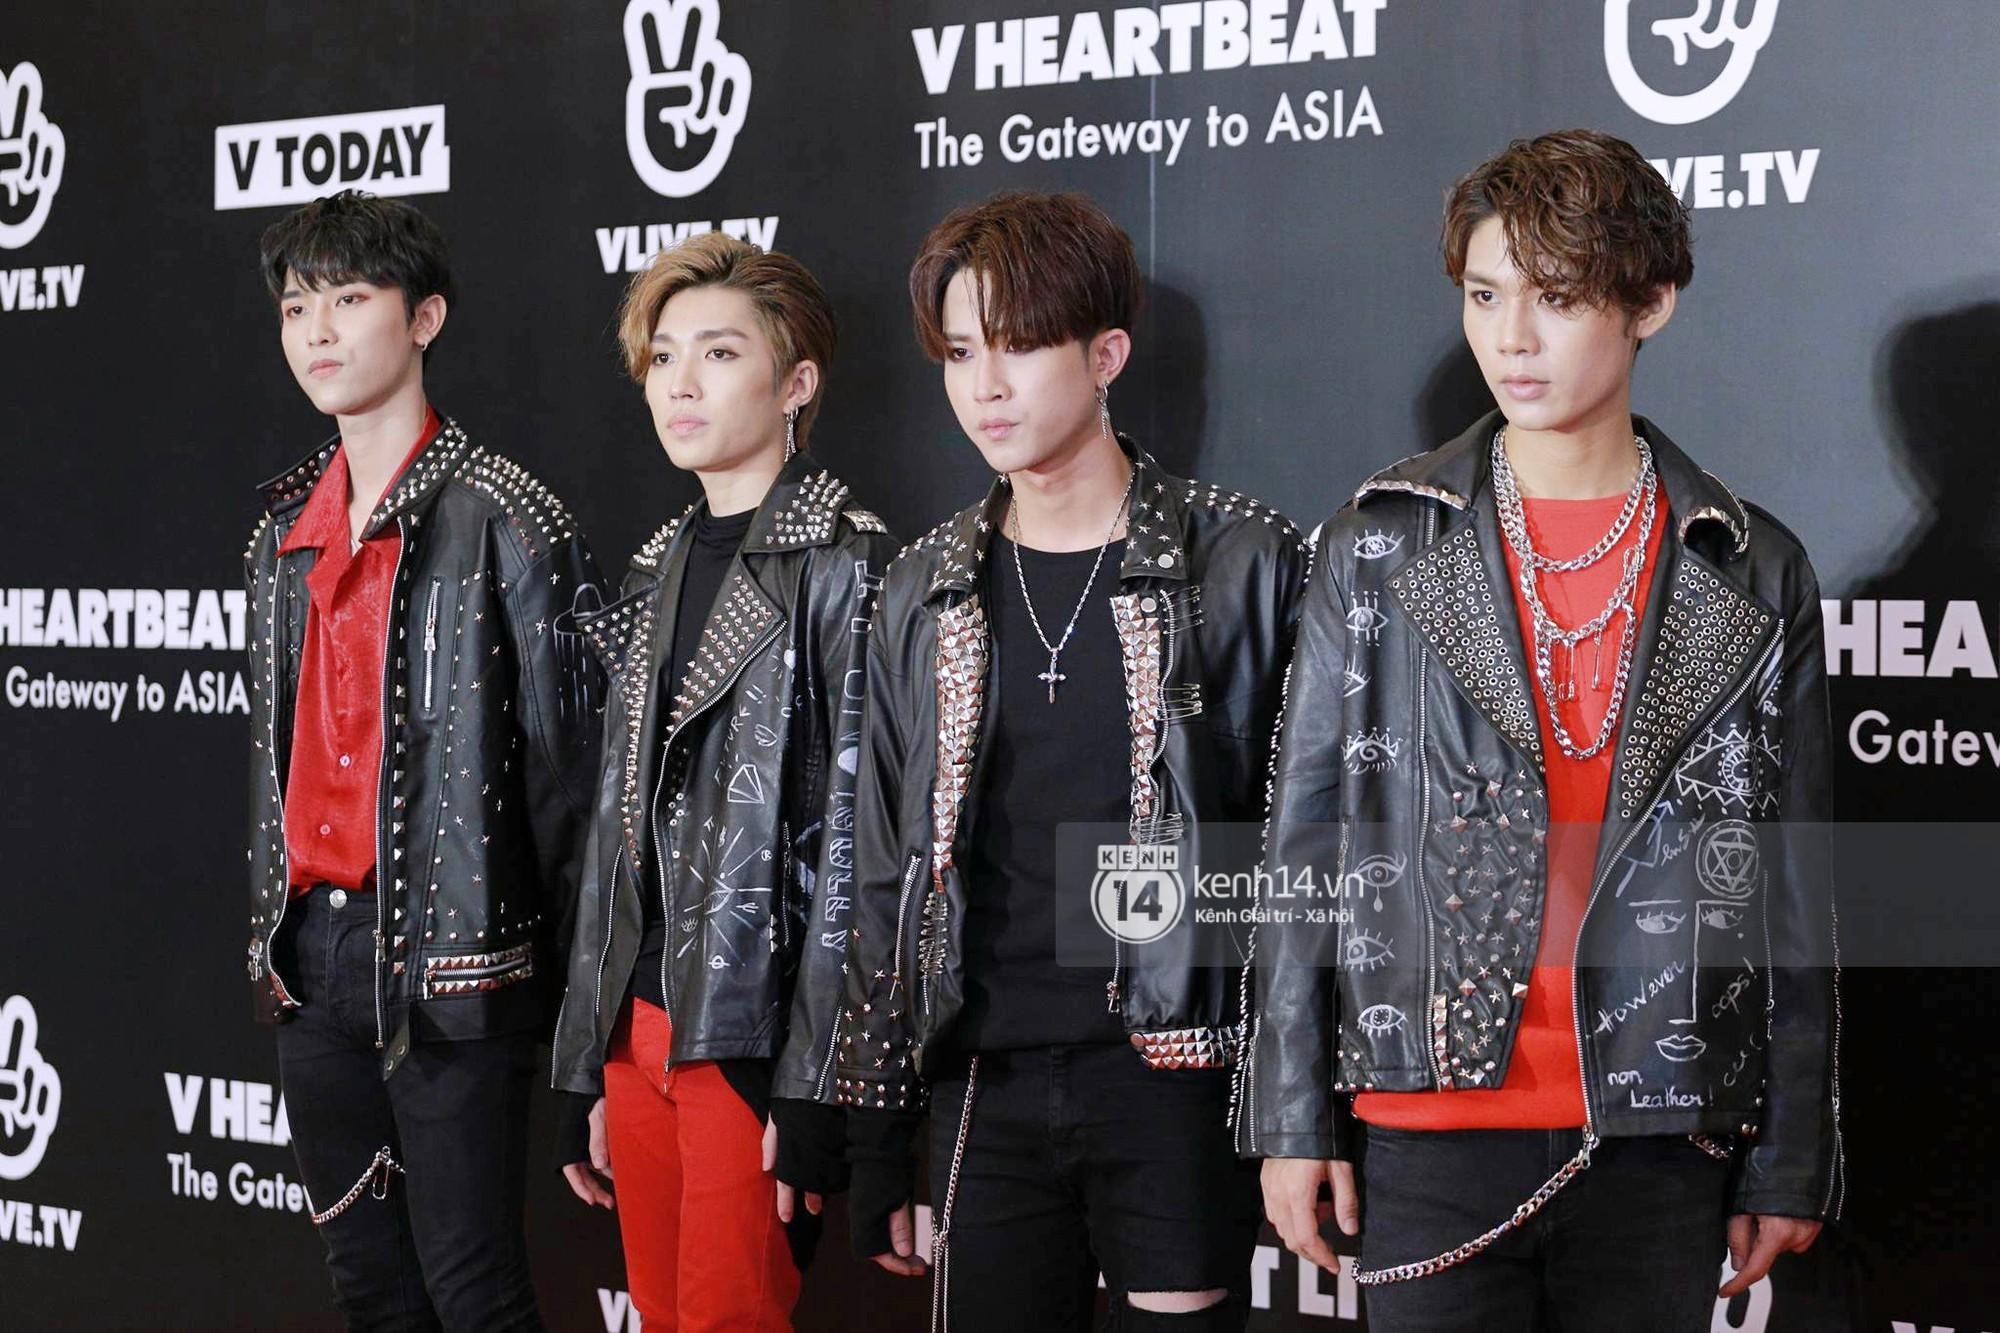 Thảm đỏ đêm nhạc Hàn-Việt: Jung Hae In, WINNER đẹp trai cực phẩm, Chi Pu và Hòa Minzy đọ sắc cùng loạt sao Việt - Ảnh 23.